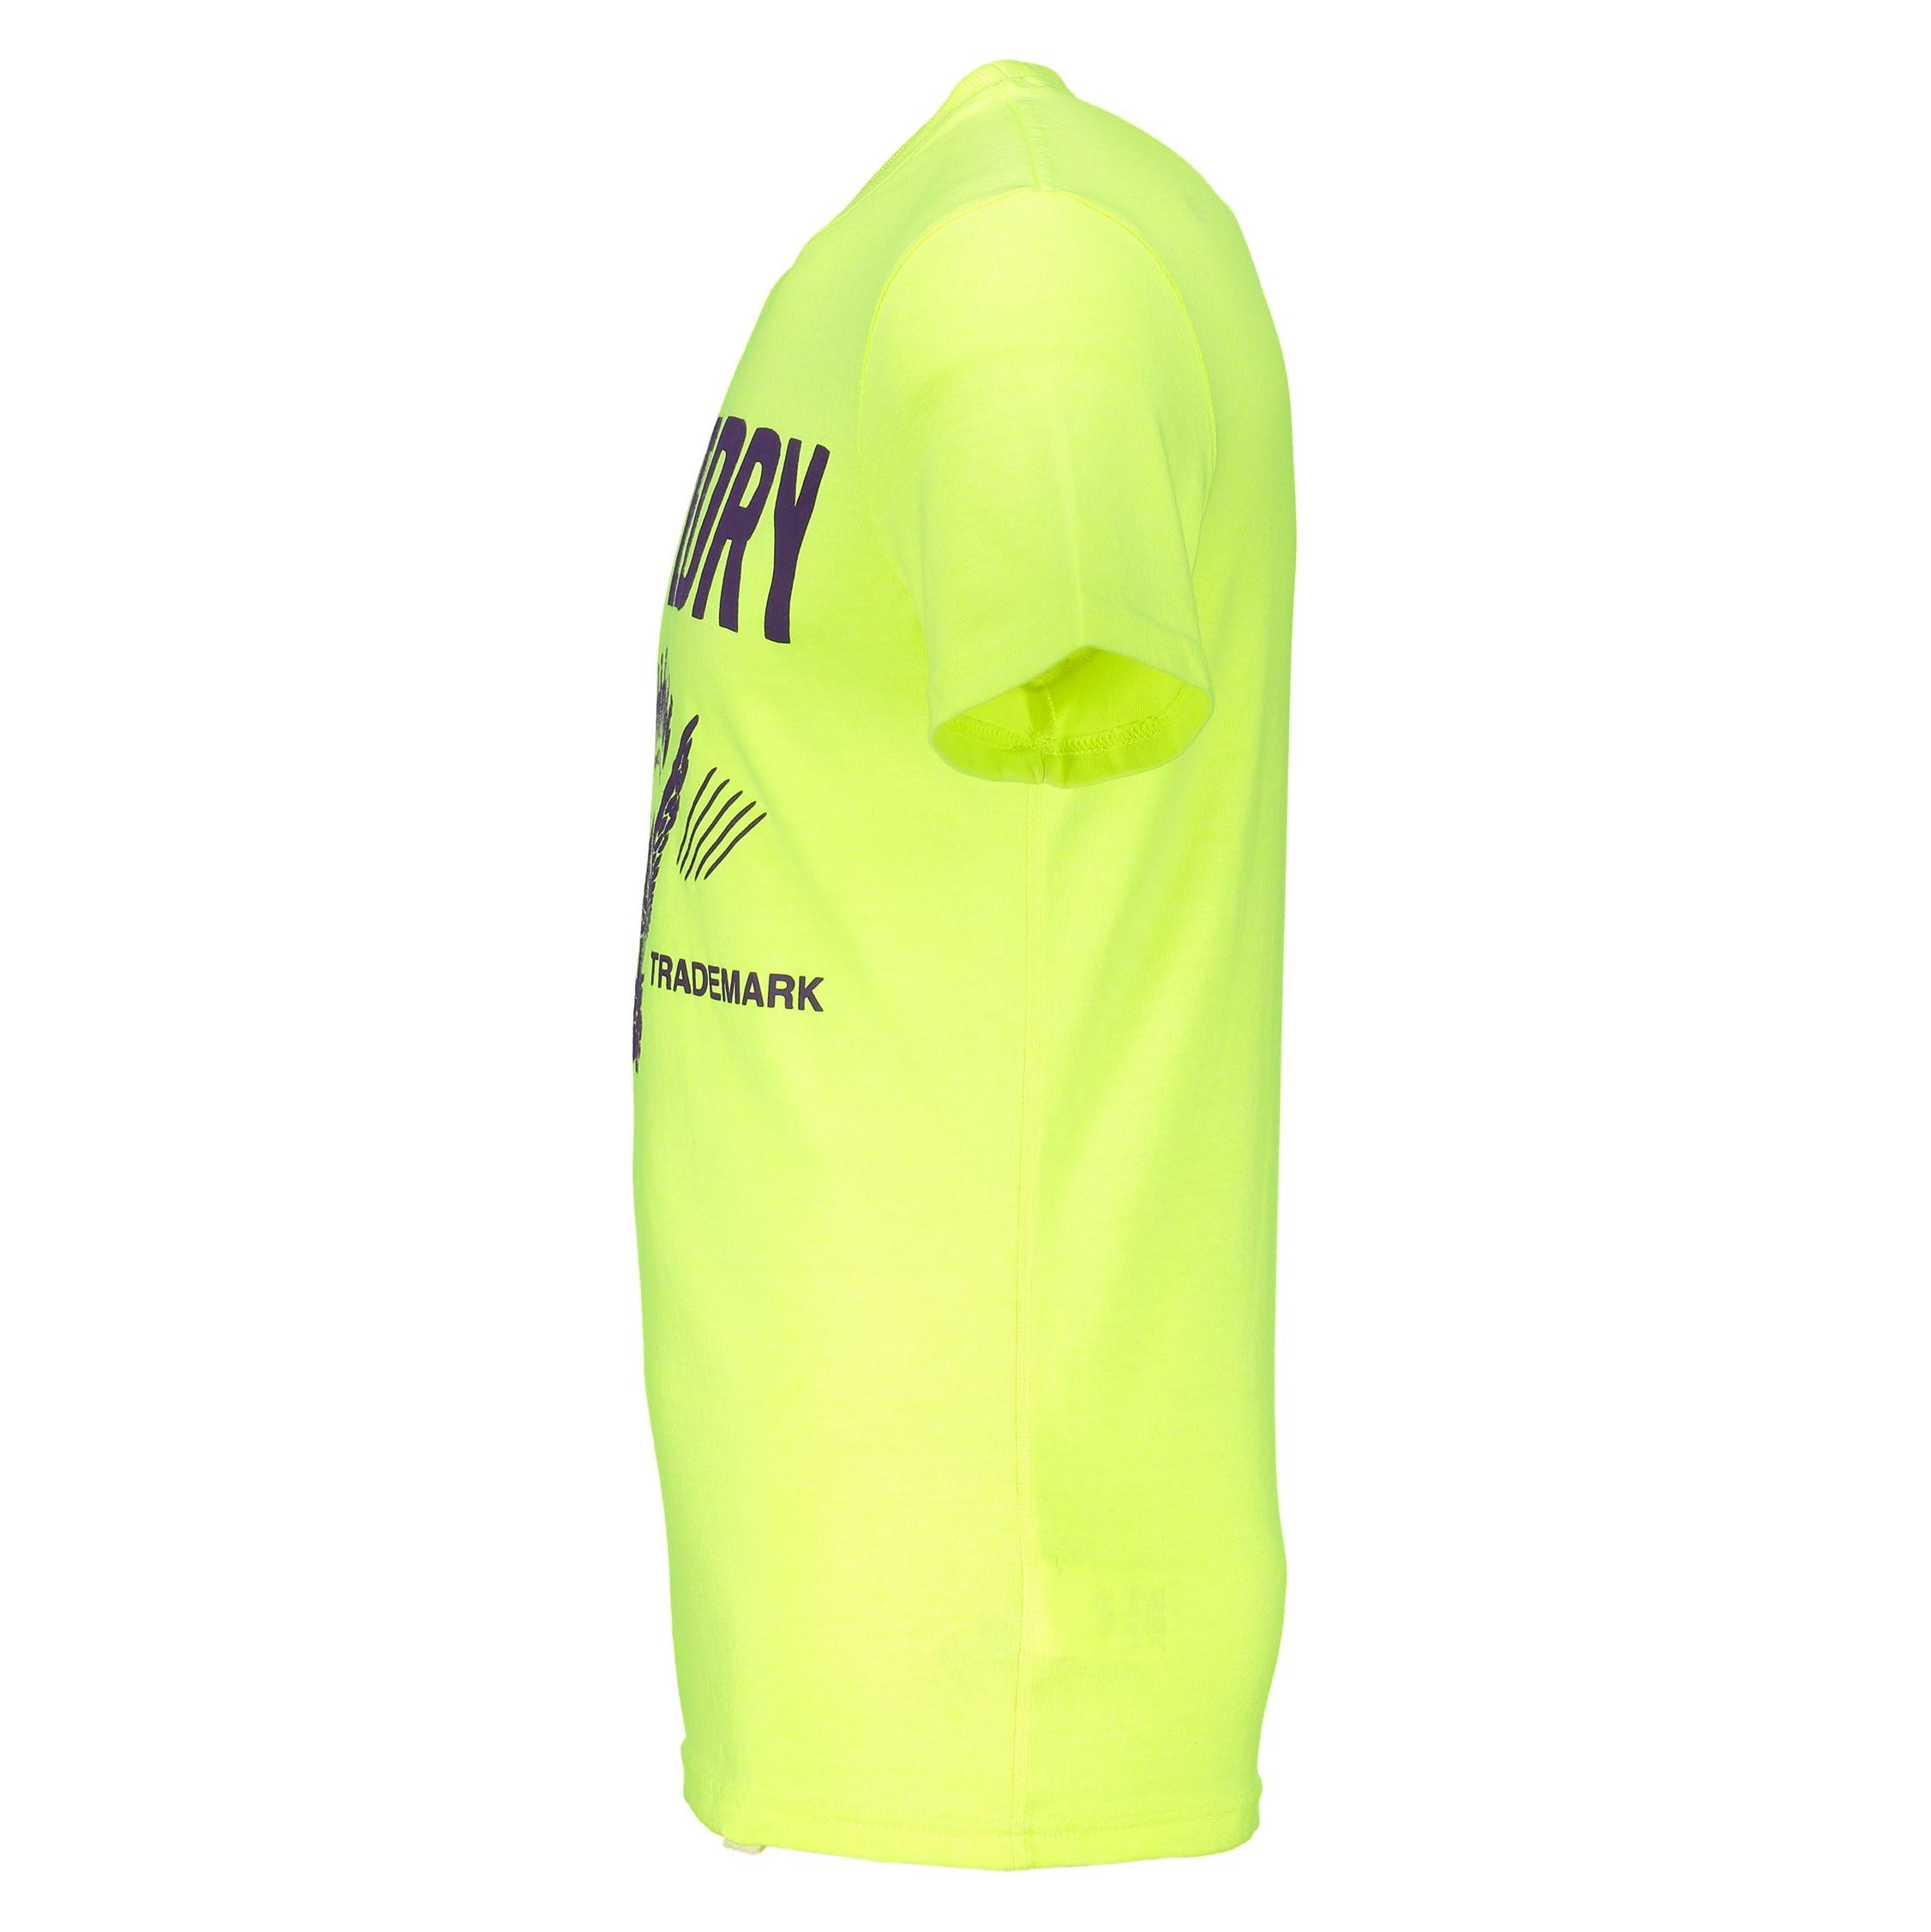 تی شرت یقه گرد مردانه - سوپردرای - زرد فلورسنت - 4